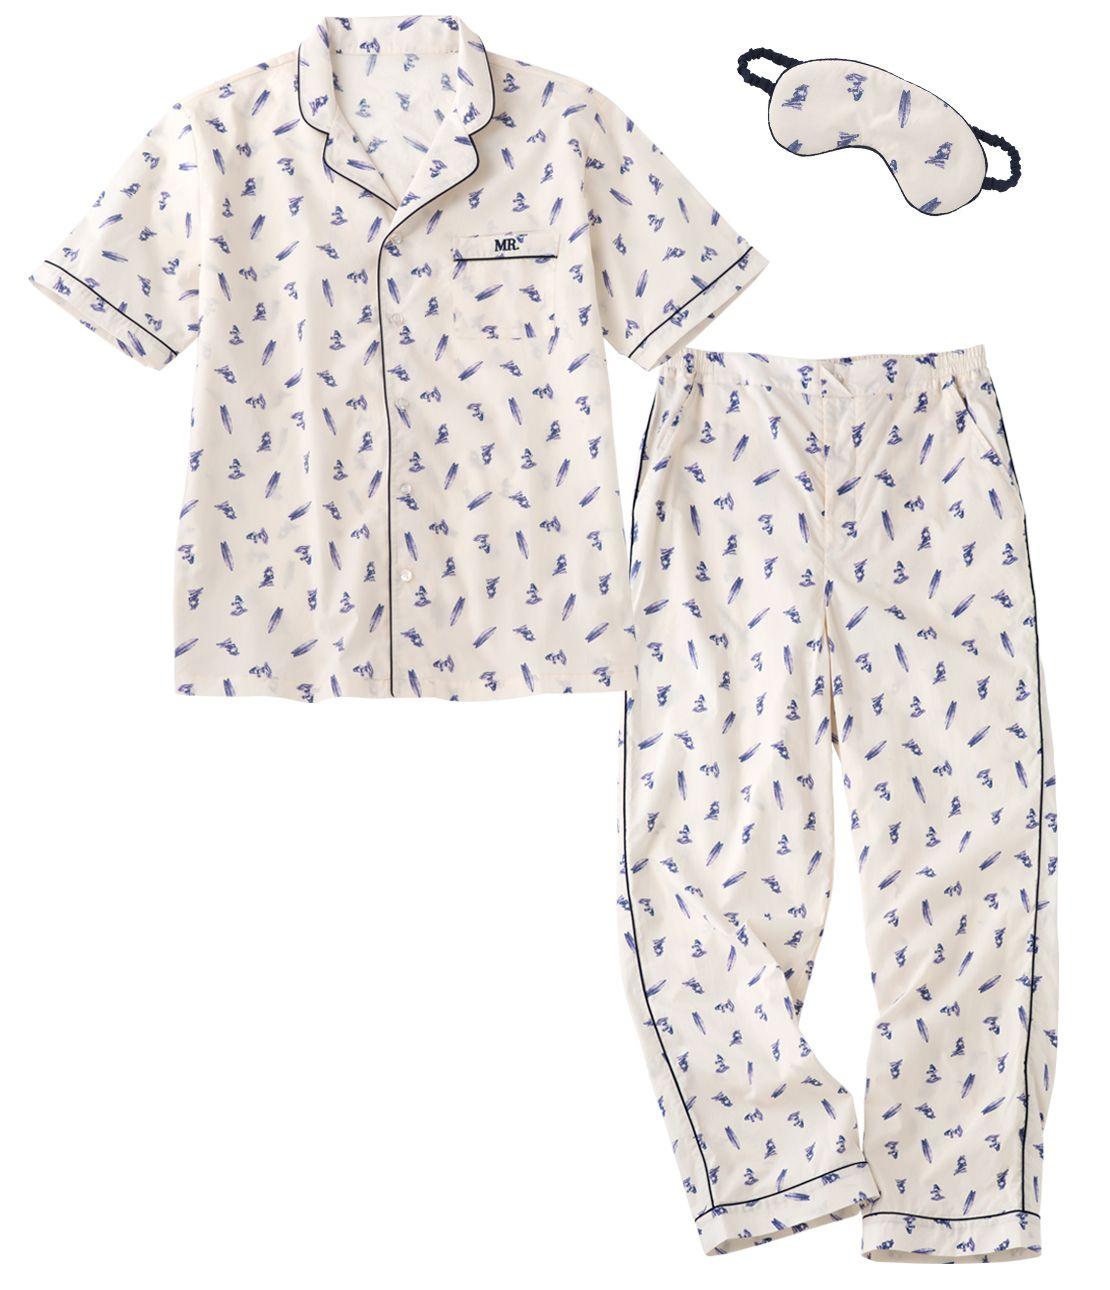 メンズコットンシャツパジャマセット